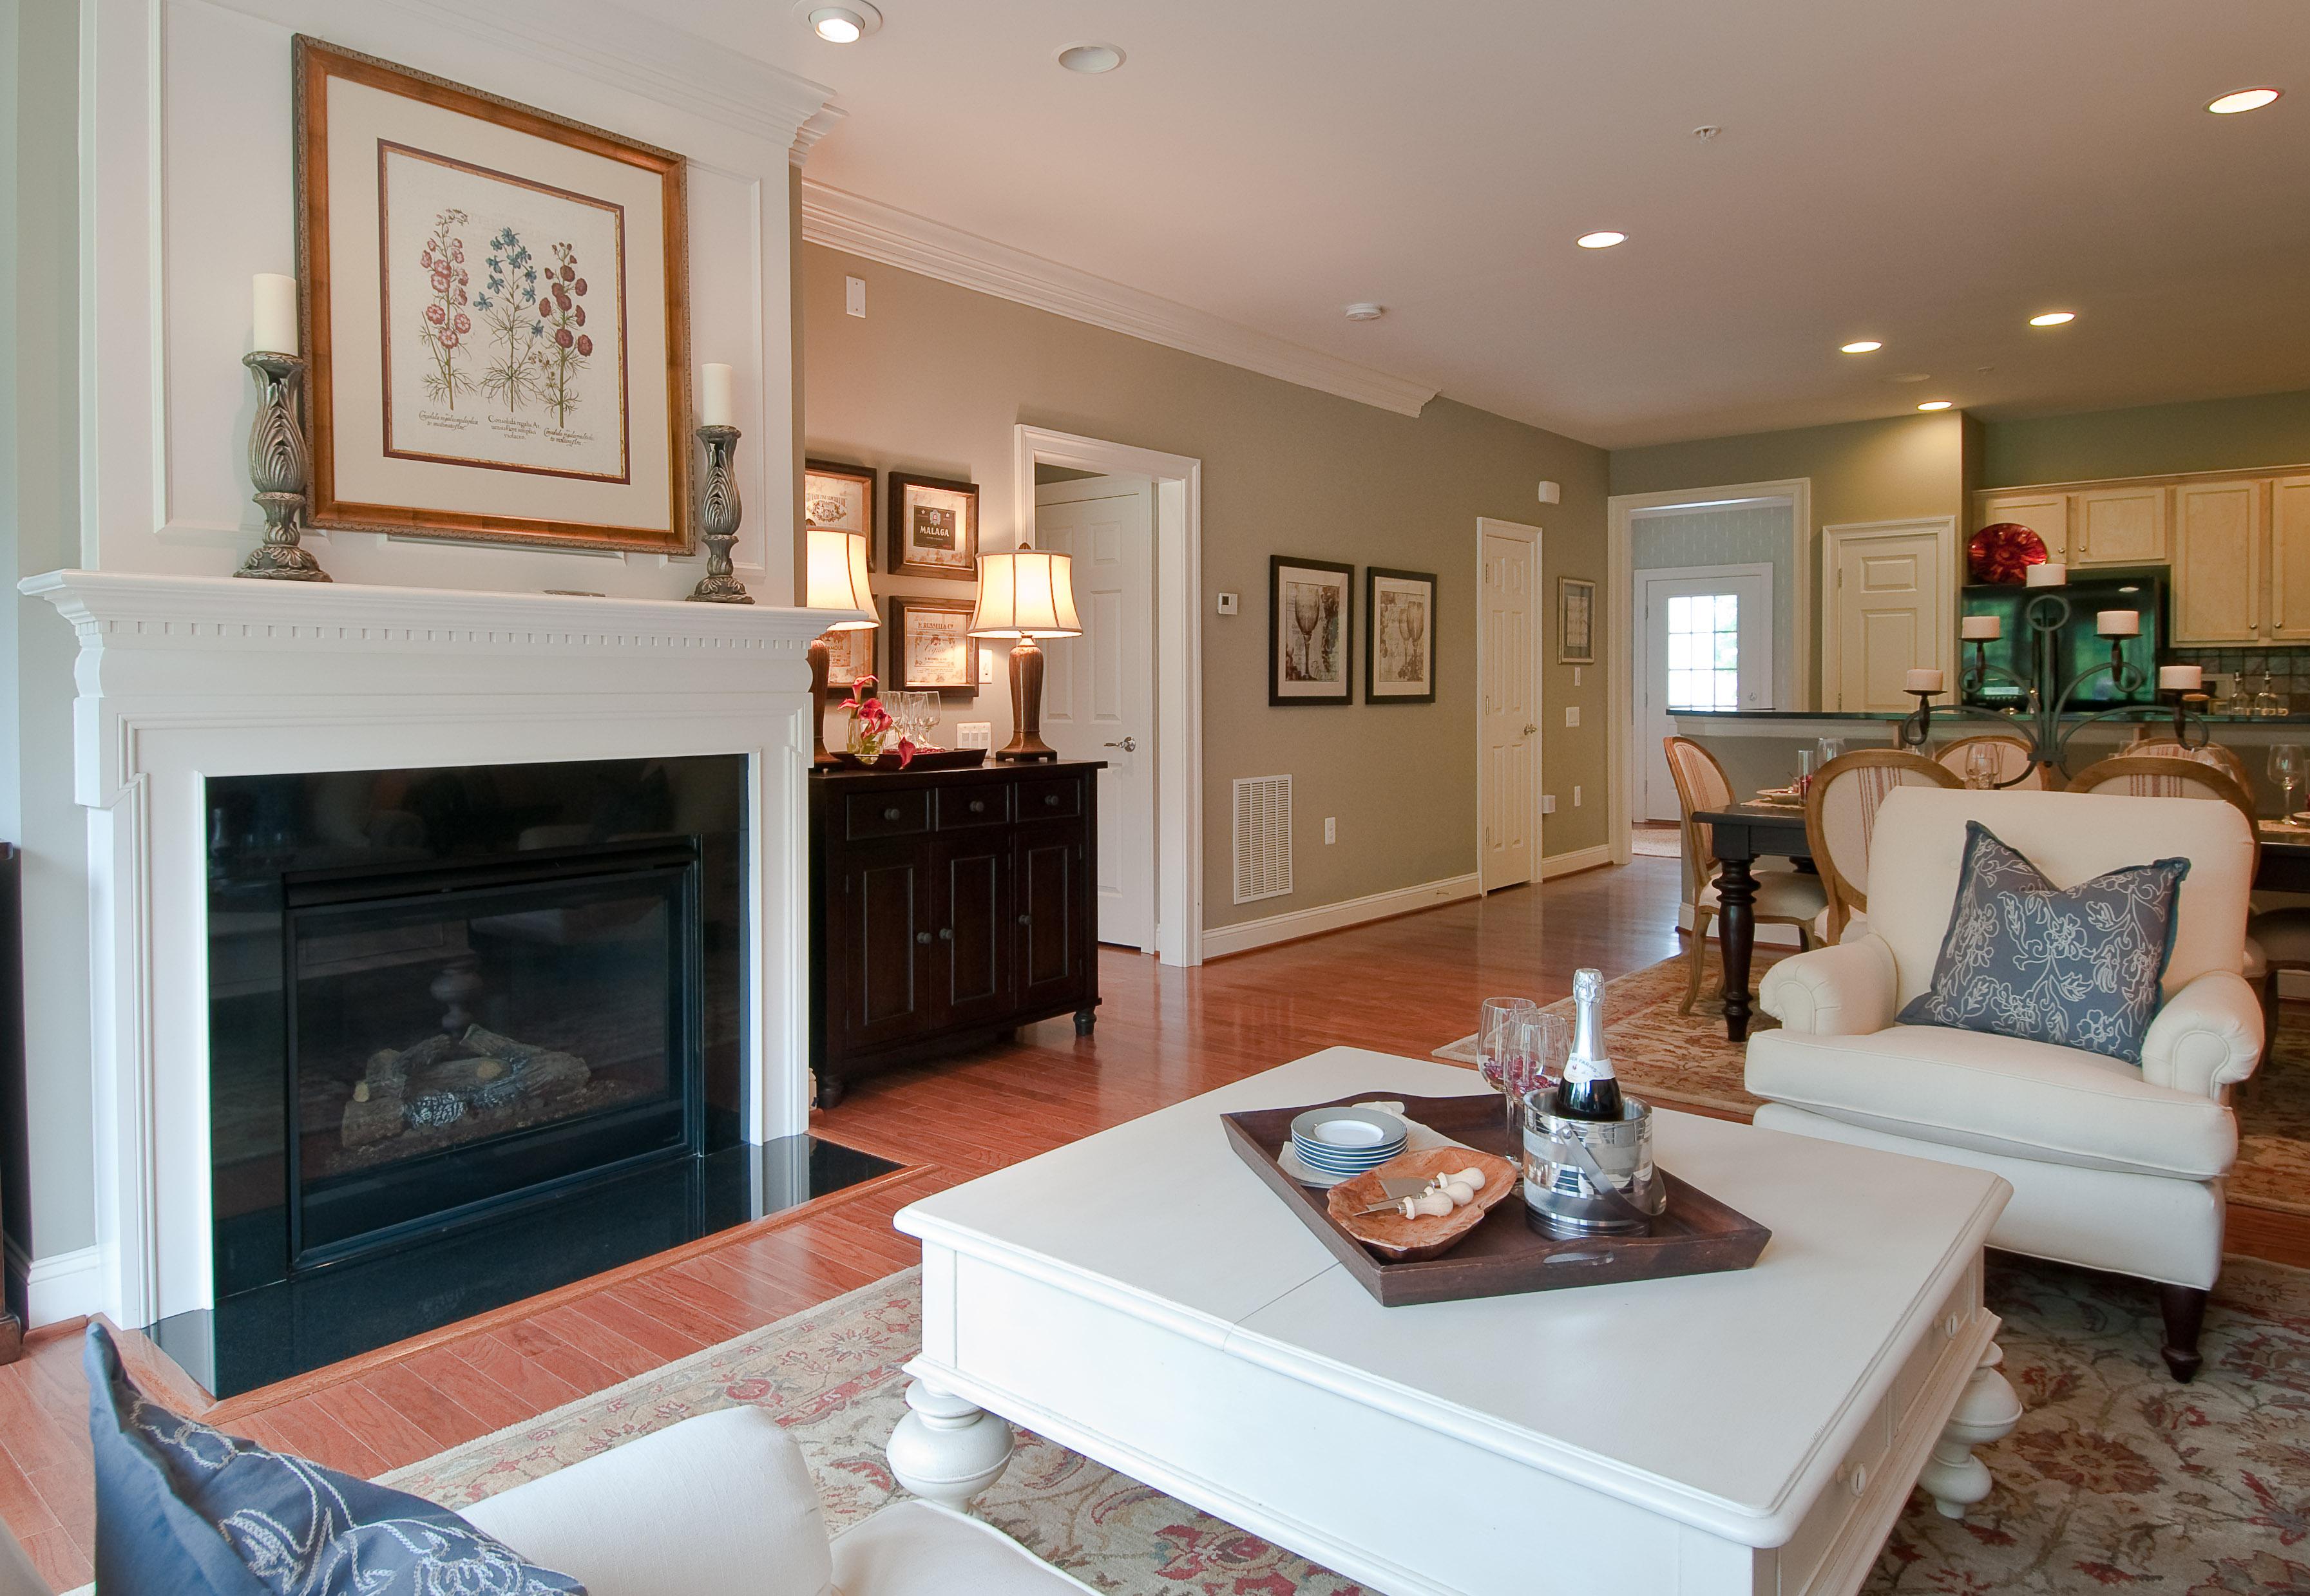 Outros residenciais para Venda às 233 LONG POINT DRIVE 223 LONG POINT DRIVE Fredericksburg, Virginia, 22406 Estados Unidos